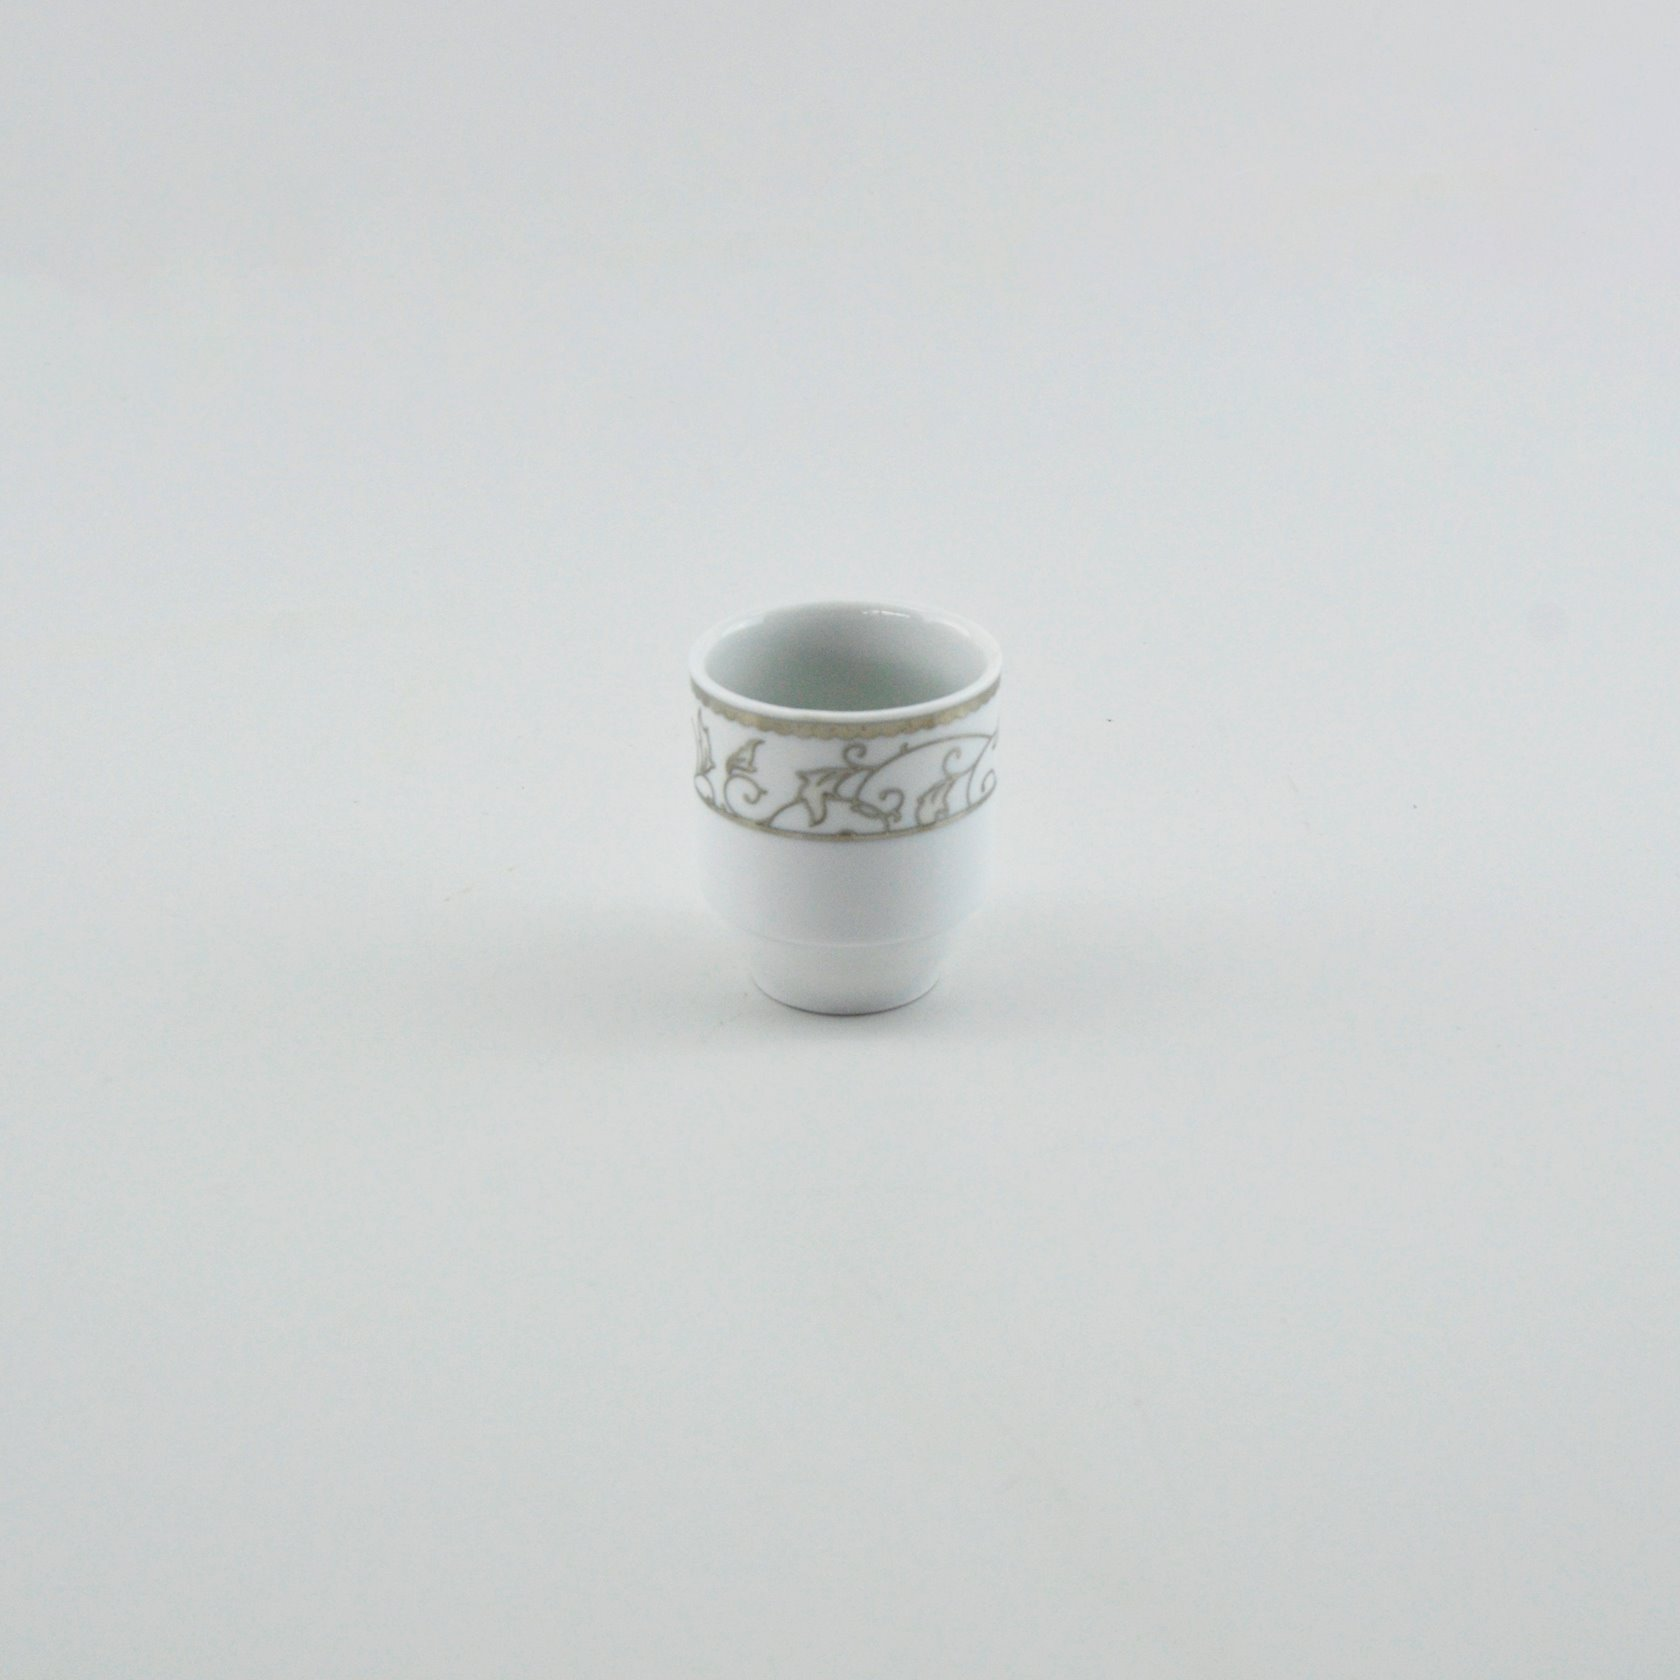 Qab dəsti Kütahya Porselen KCRN87YT90110832, şüşə, ağ